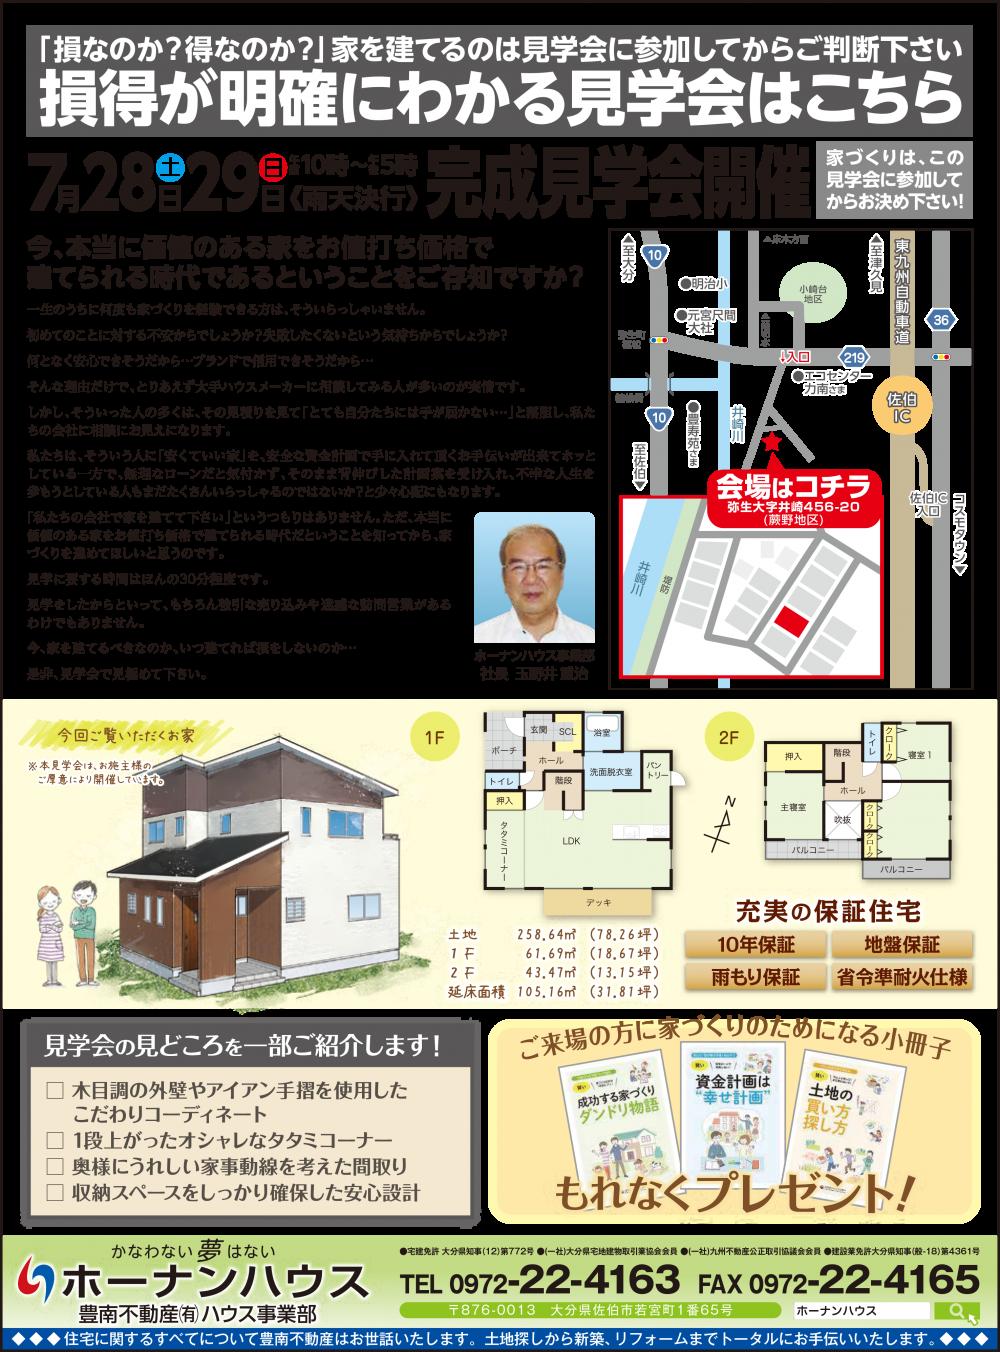 7/28損得が明確にわかる完成見学会